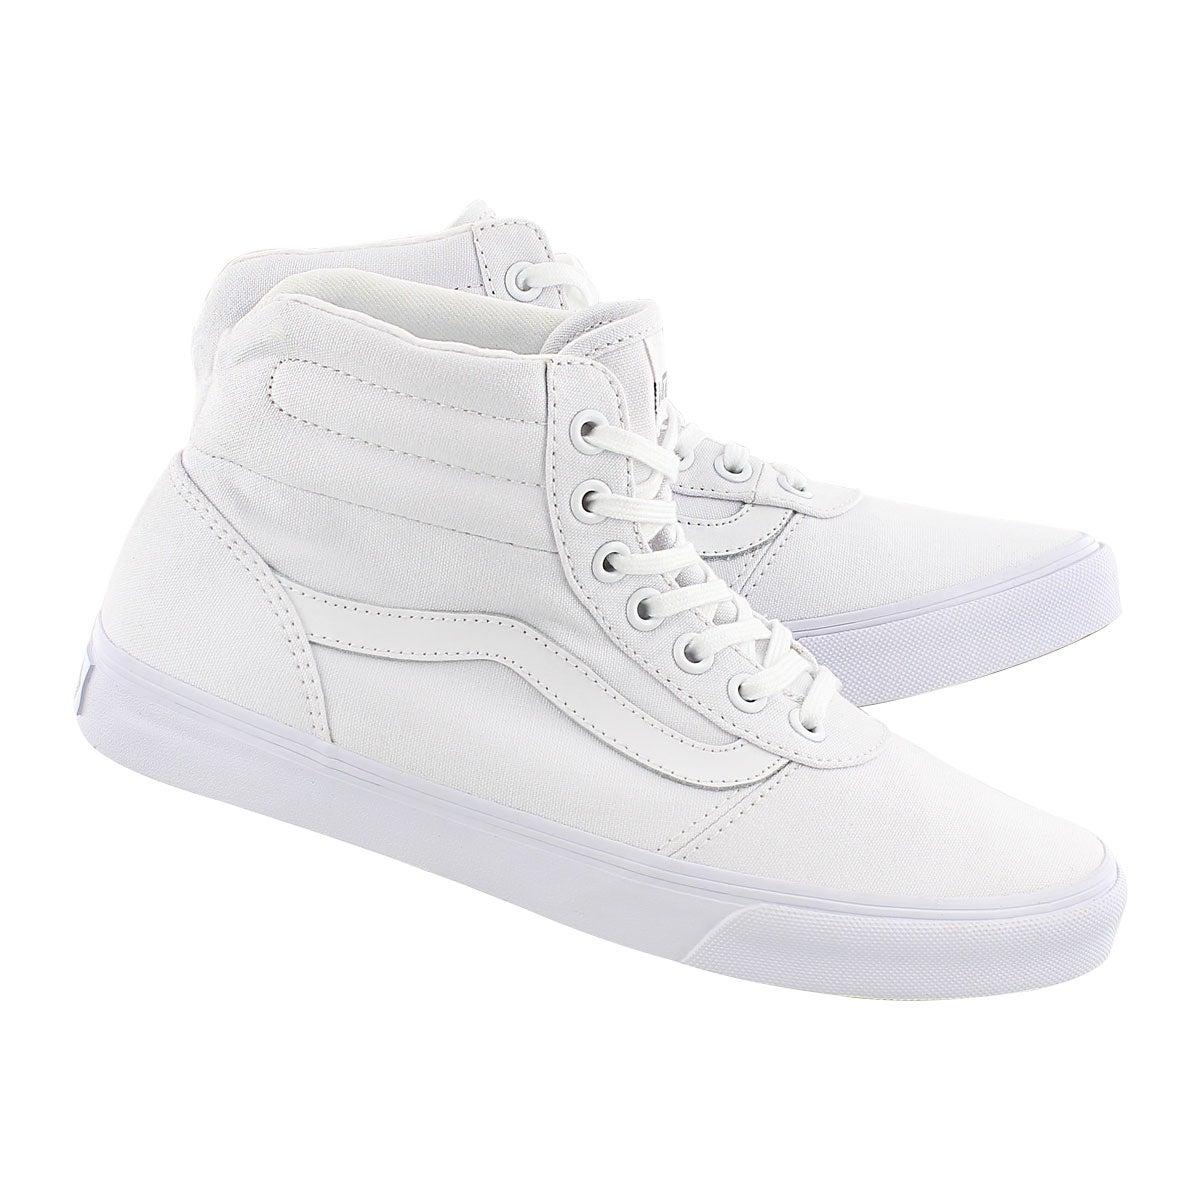 Lds Milton Hi white lace up sneaker